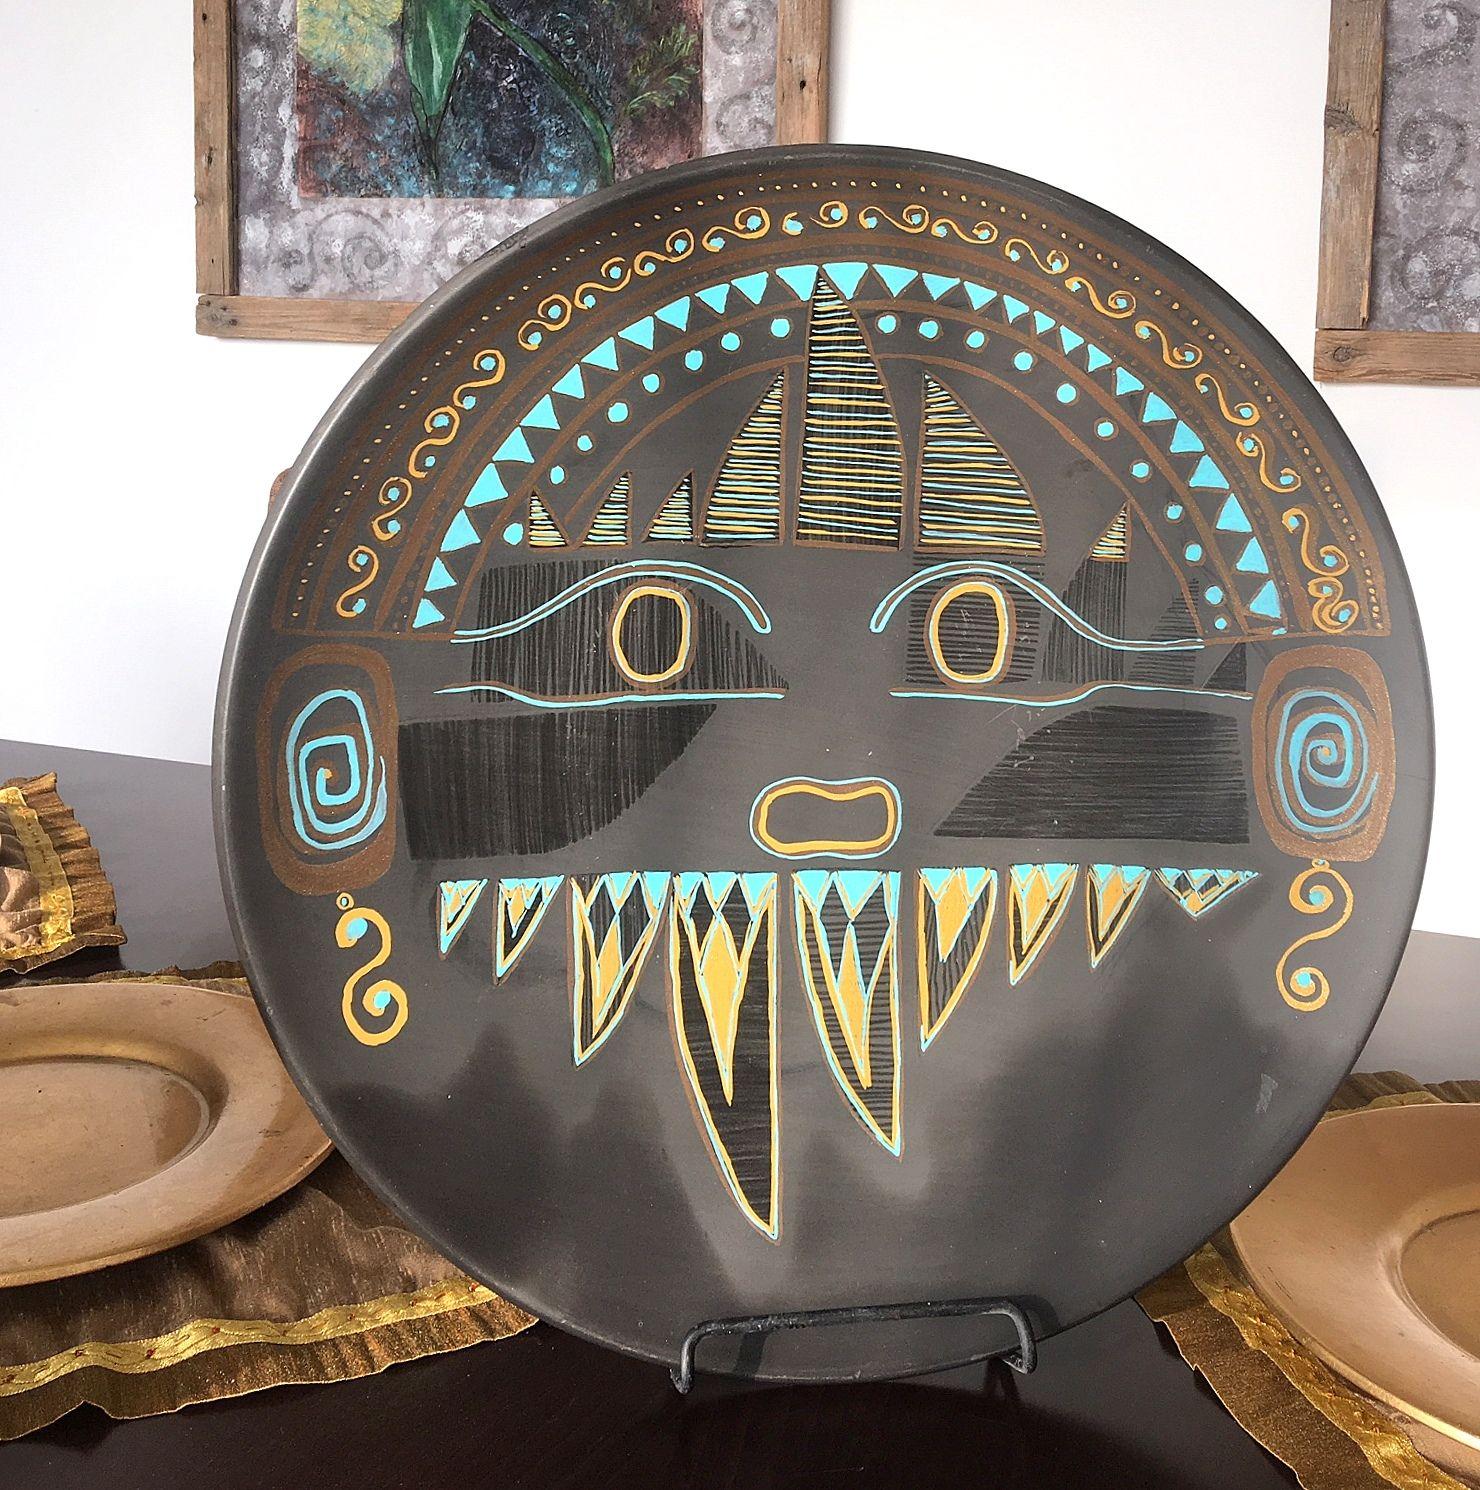 Perui kerámia tál : Fantasztikus szinekkel és mintákkal rendelkező fekete alapú 50 cm átmérőjű perui kerámia tál asztali tartóra vagy falra rakható